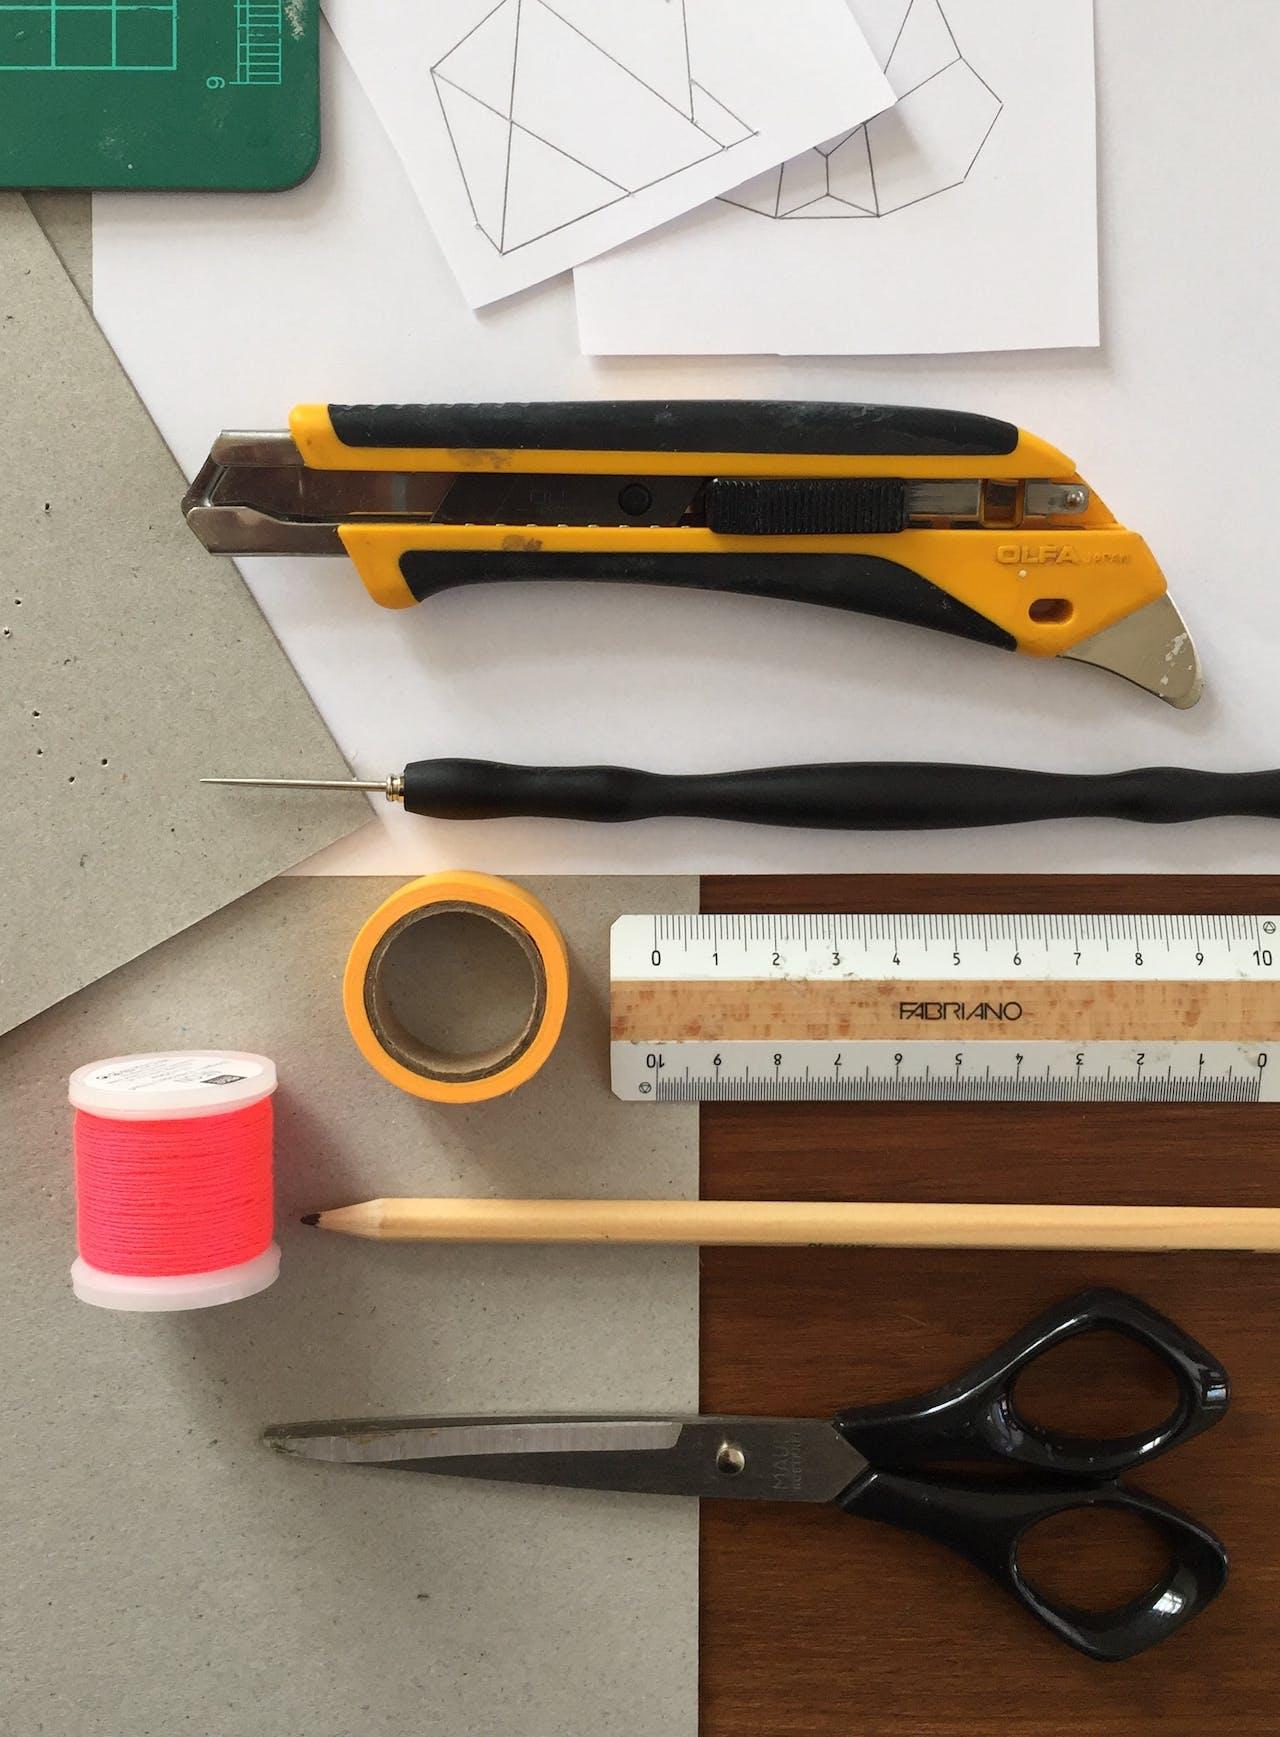 Moduloris machen: Grußkarten gestalten - Tools und Materialien